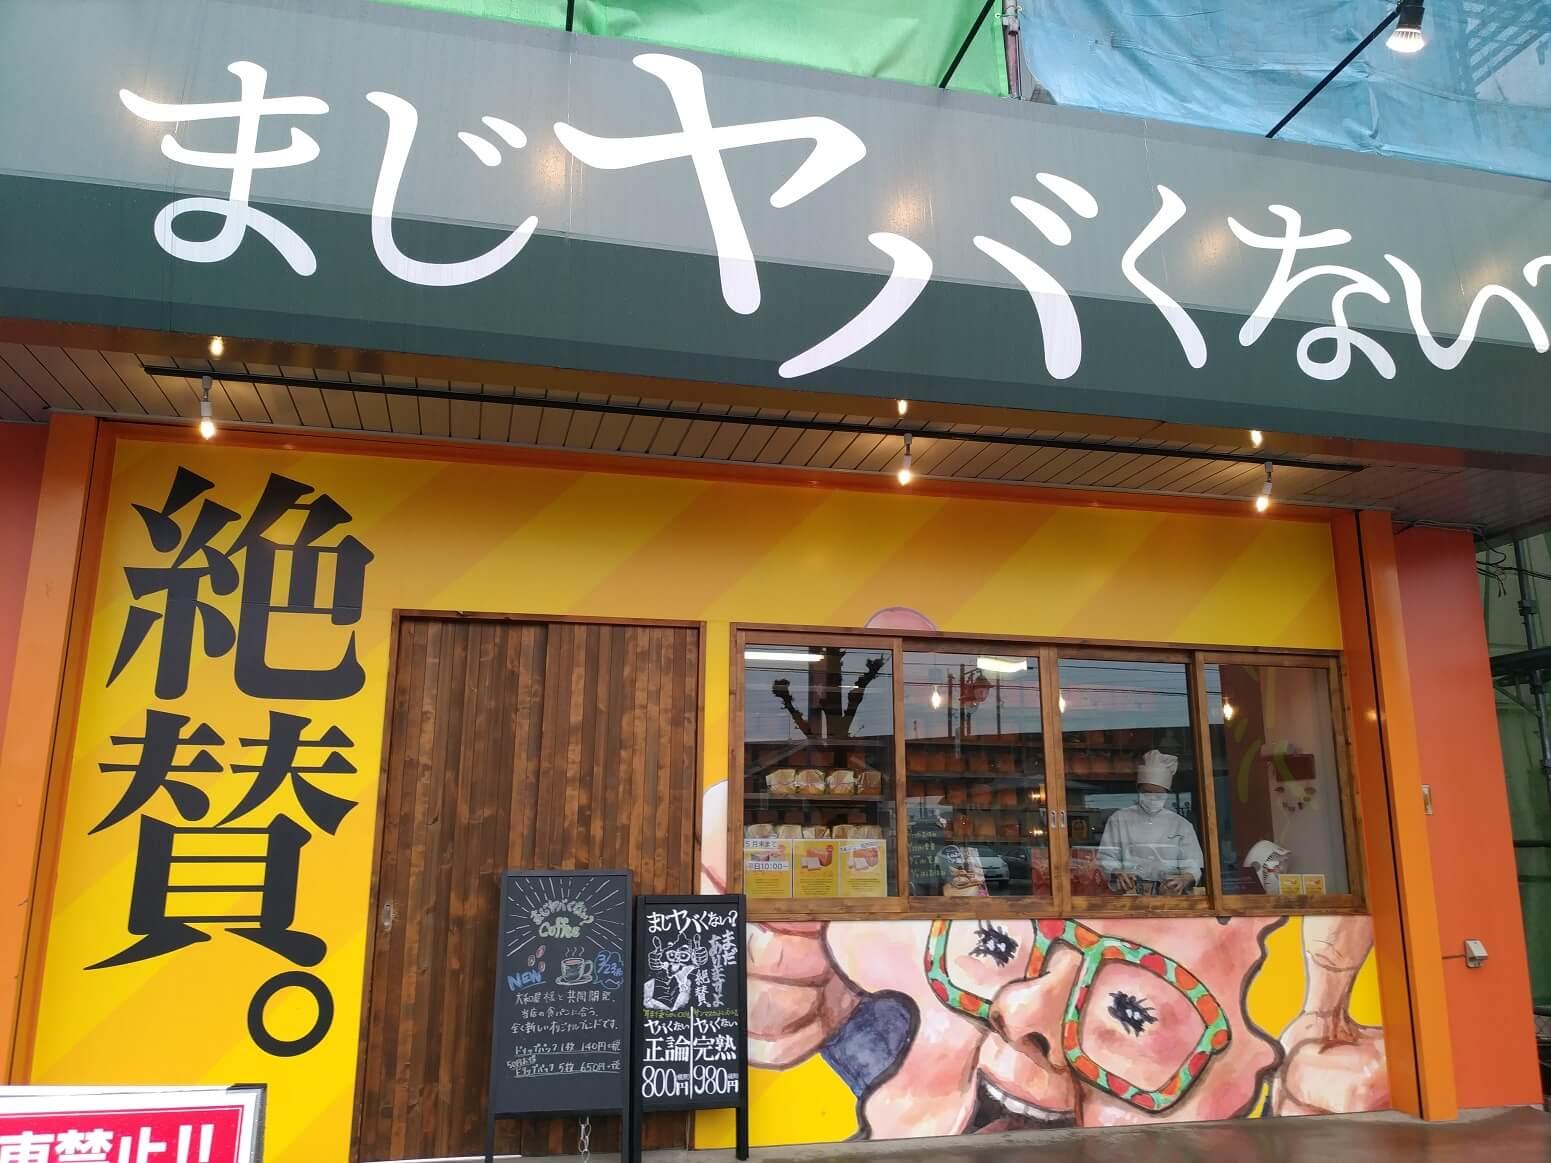 まじヤバくない? 高級食パン 高崎市飯塚町